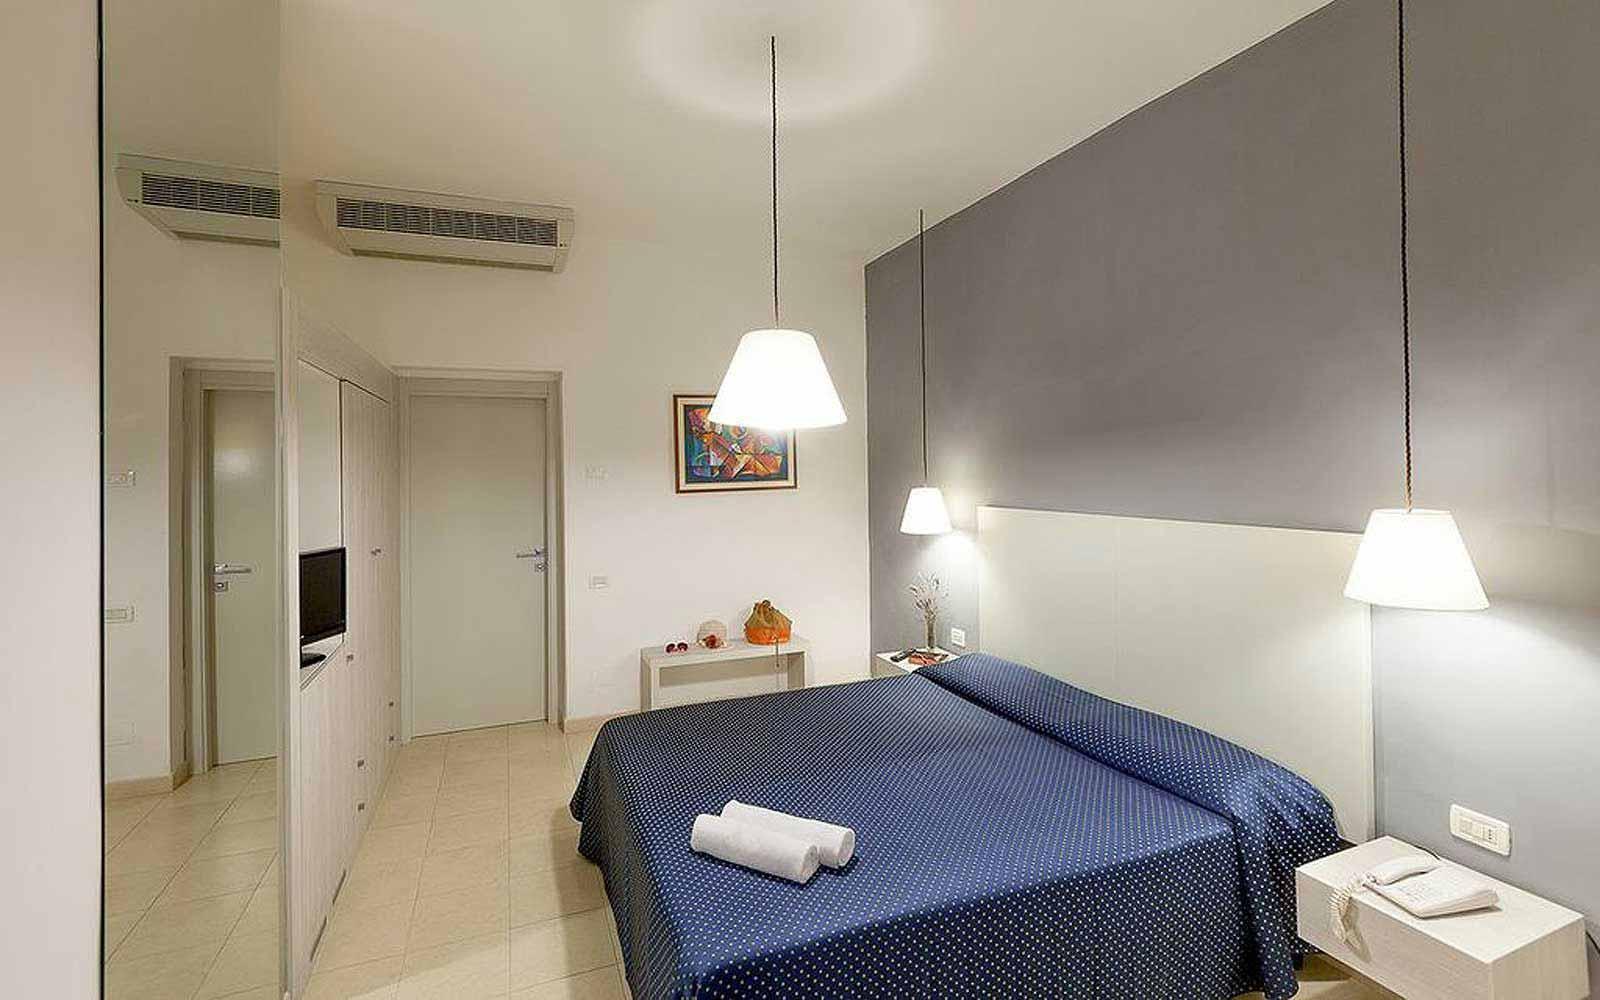 Junior Suite at the Gattarella Resort